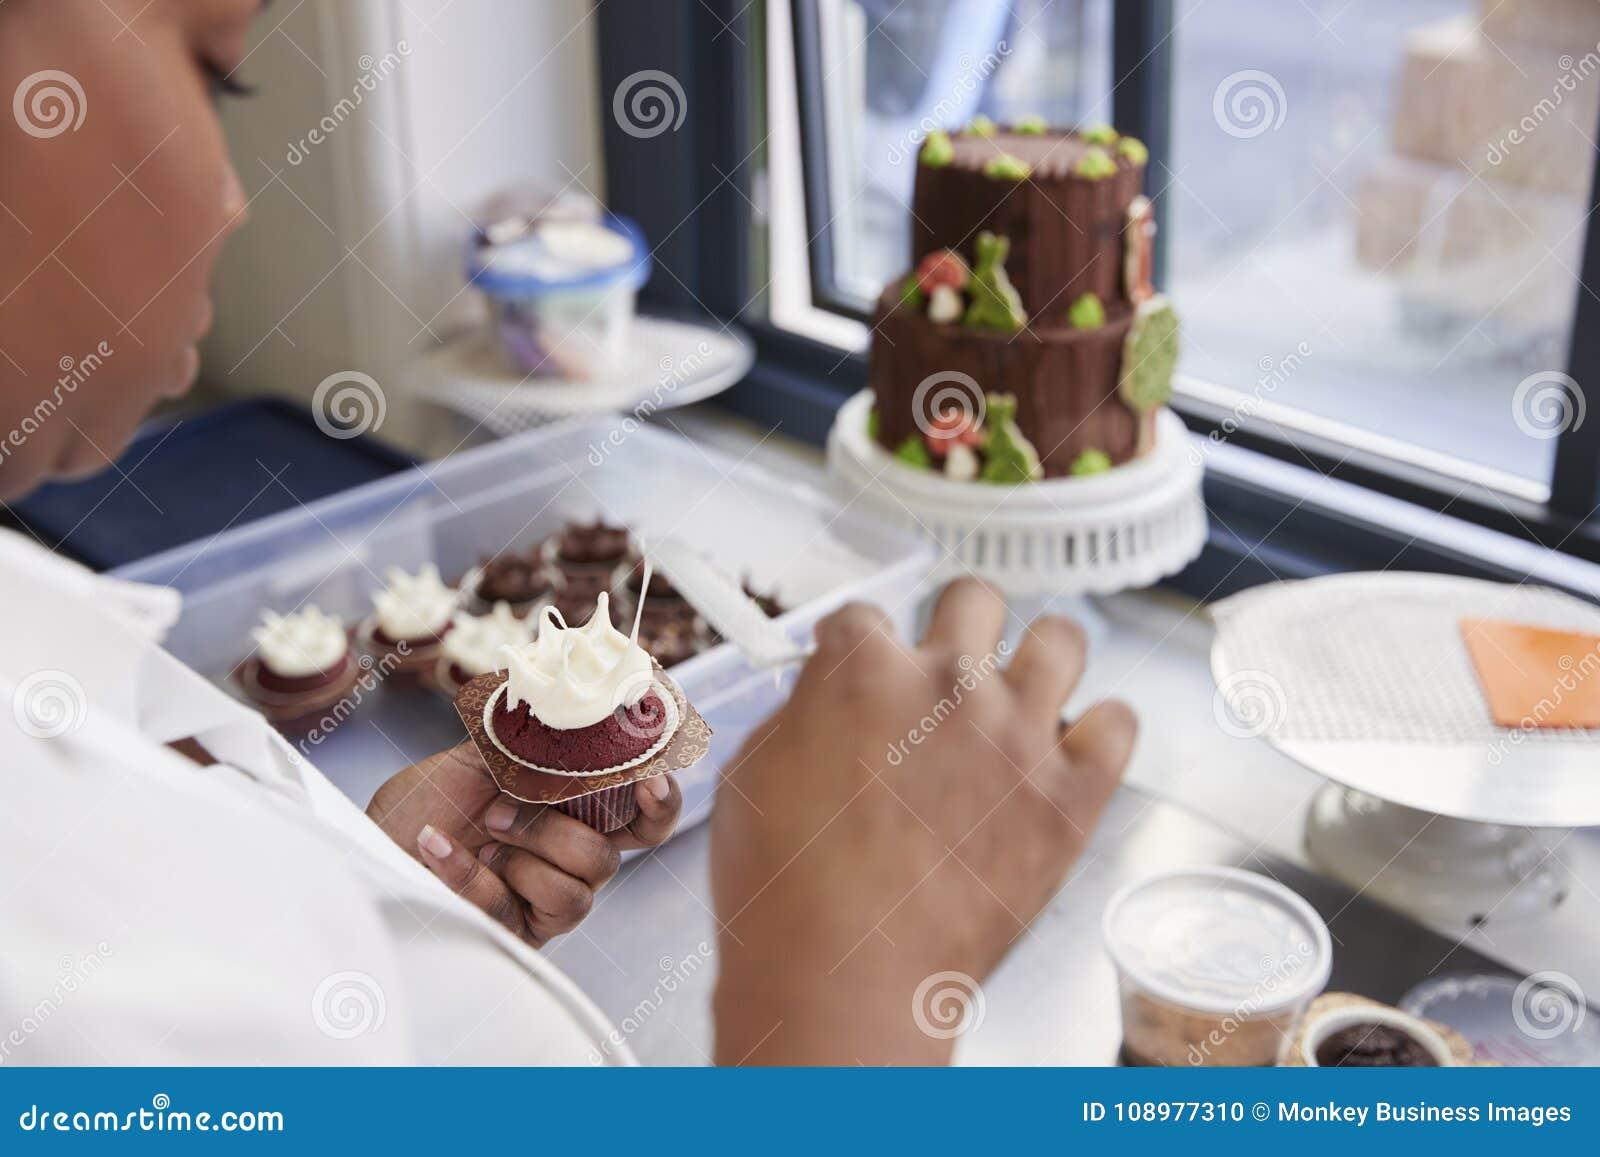 Mulher negra que prepara o alimento em uma padaria, sobre a opinião do ombro